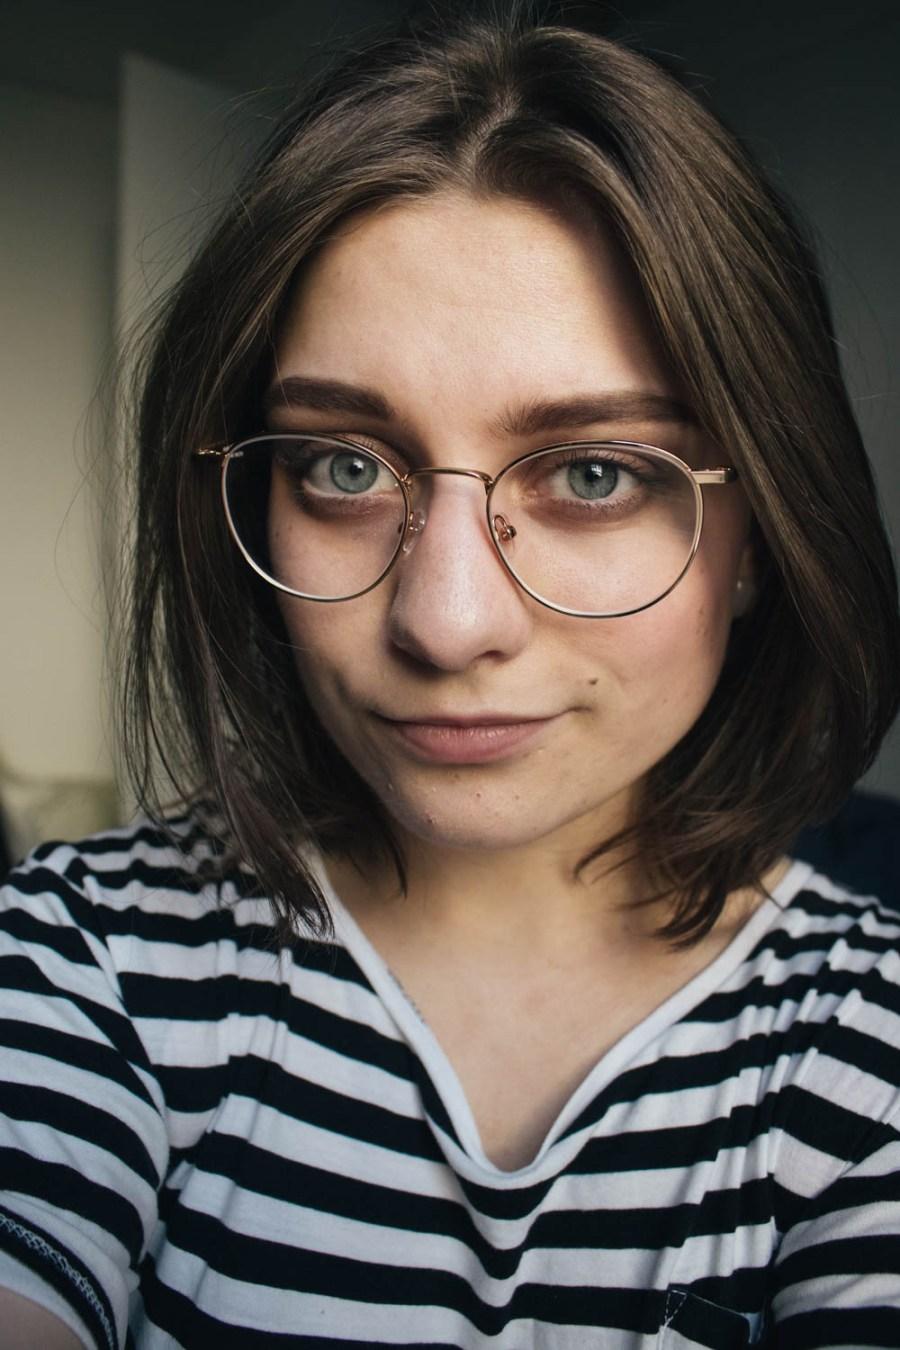 Har nye briller fra Frank Walton, og de er skikkelig fine